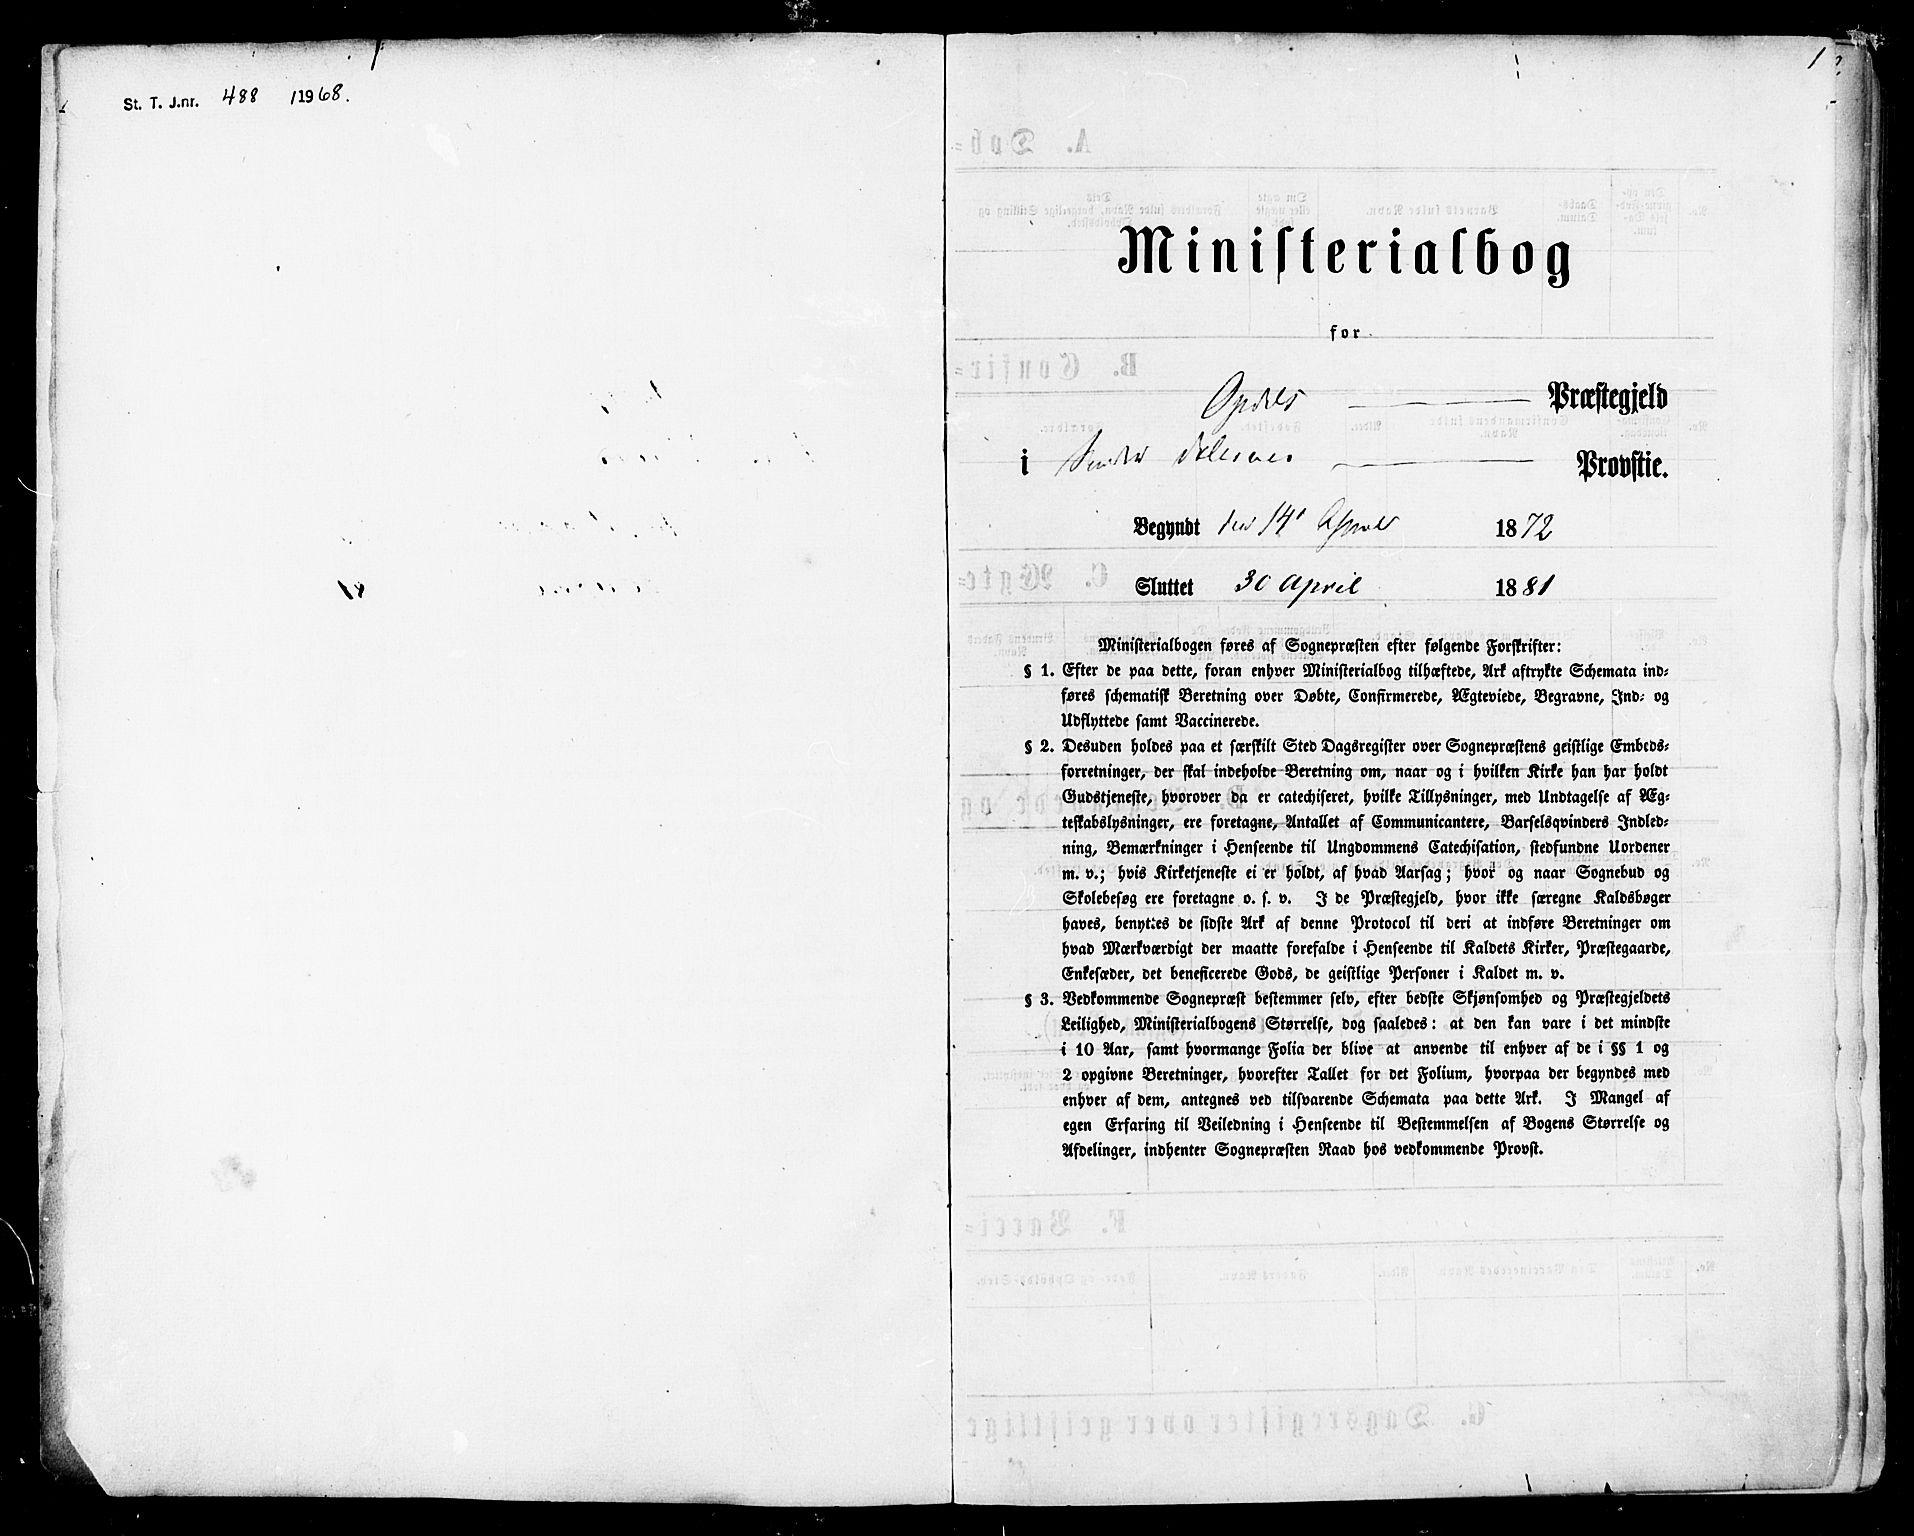 SAT, Ministerialprotokoller, klokkerbøker og fødselsregistre - Sør-Trøndelag, 678/L0900: Ministerialbok nr. 678A09, 1872-1881, s. 1